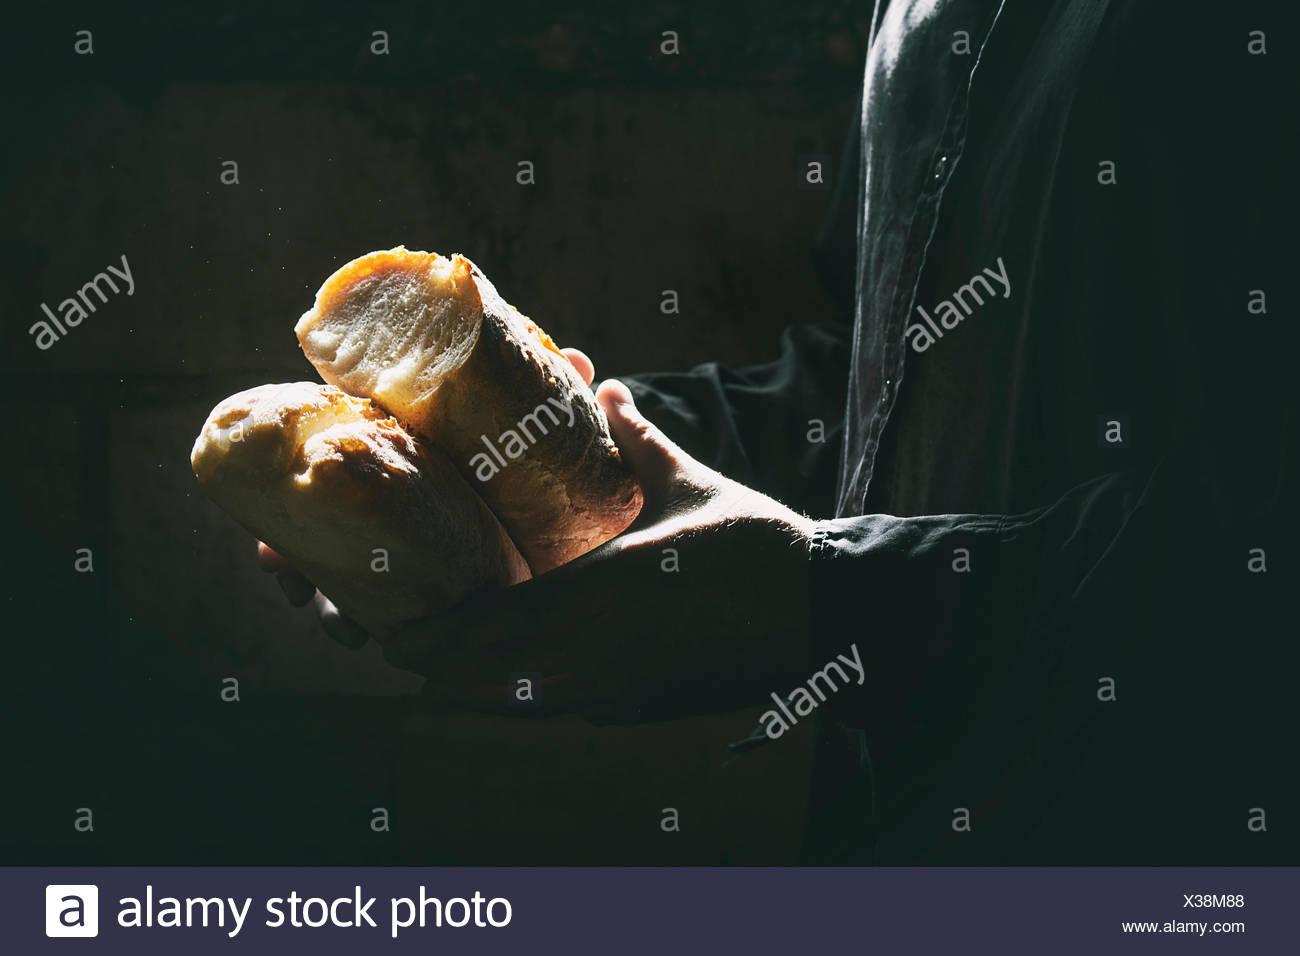 Miche de pain de blé frais entre les mains de l'homme dans le soleil. Lumière jour rustique dans une pièce sombre. Photo Stock